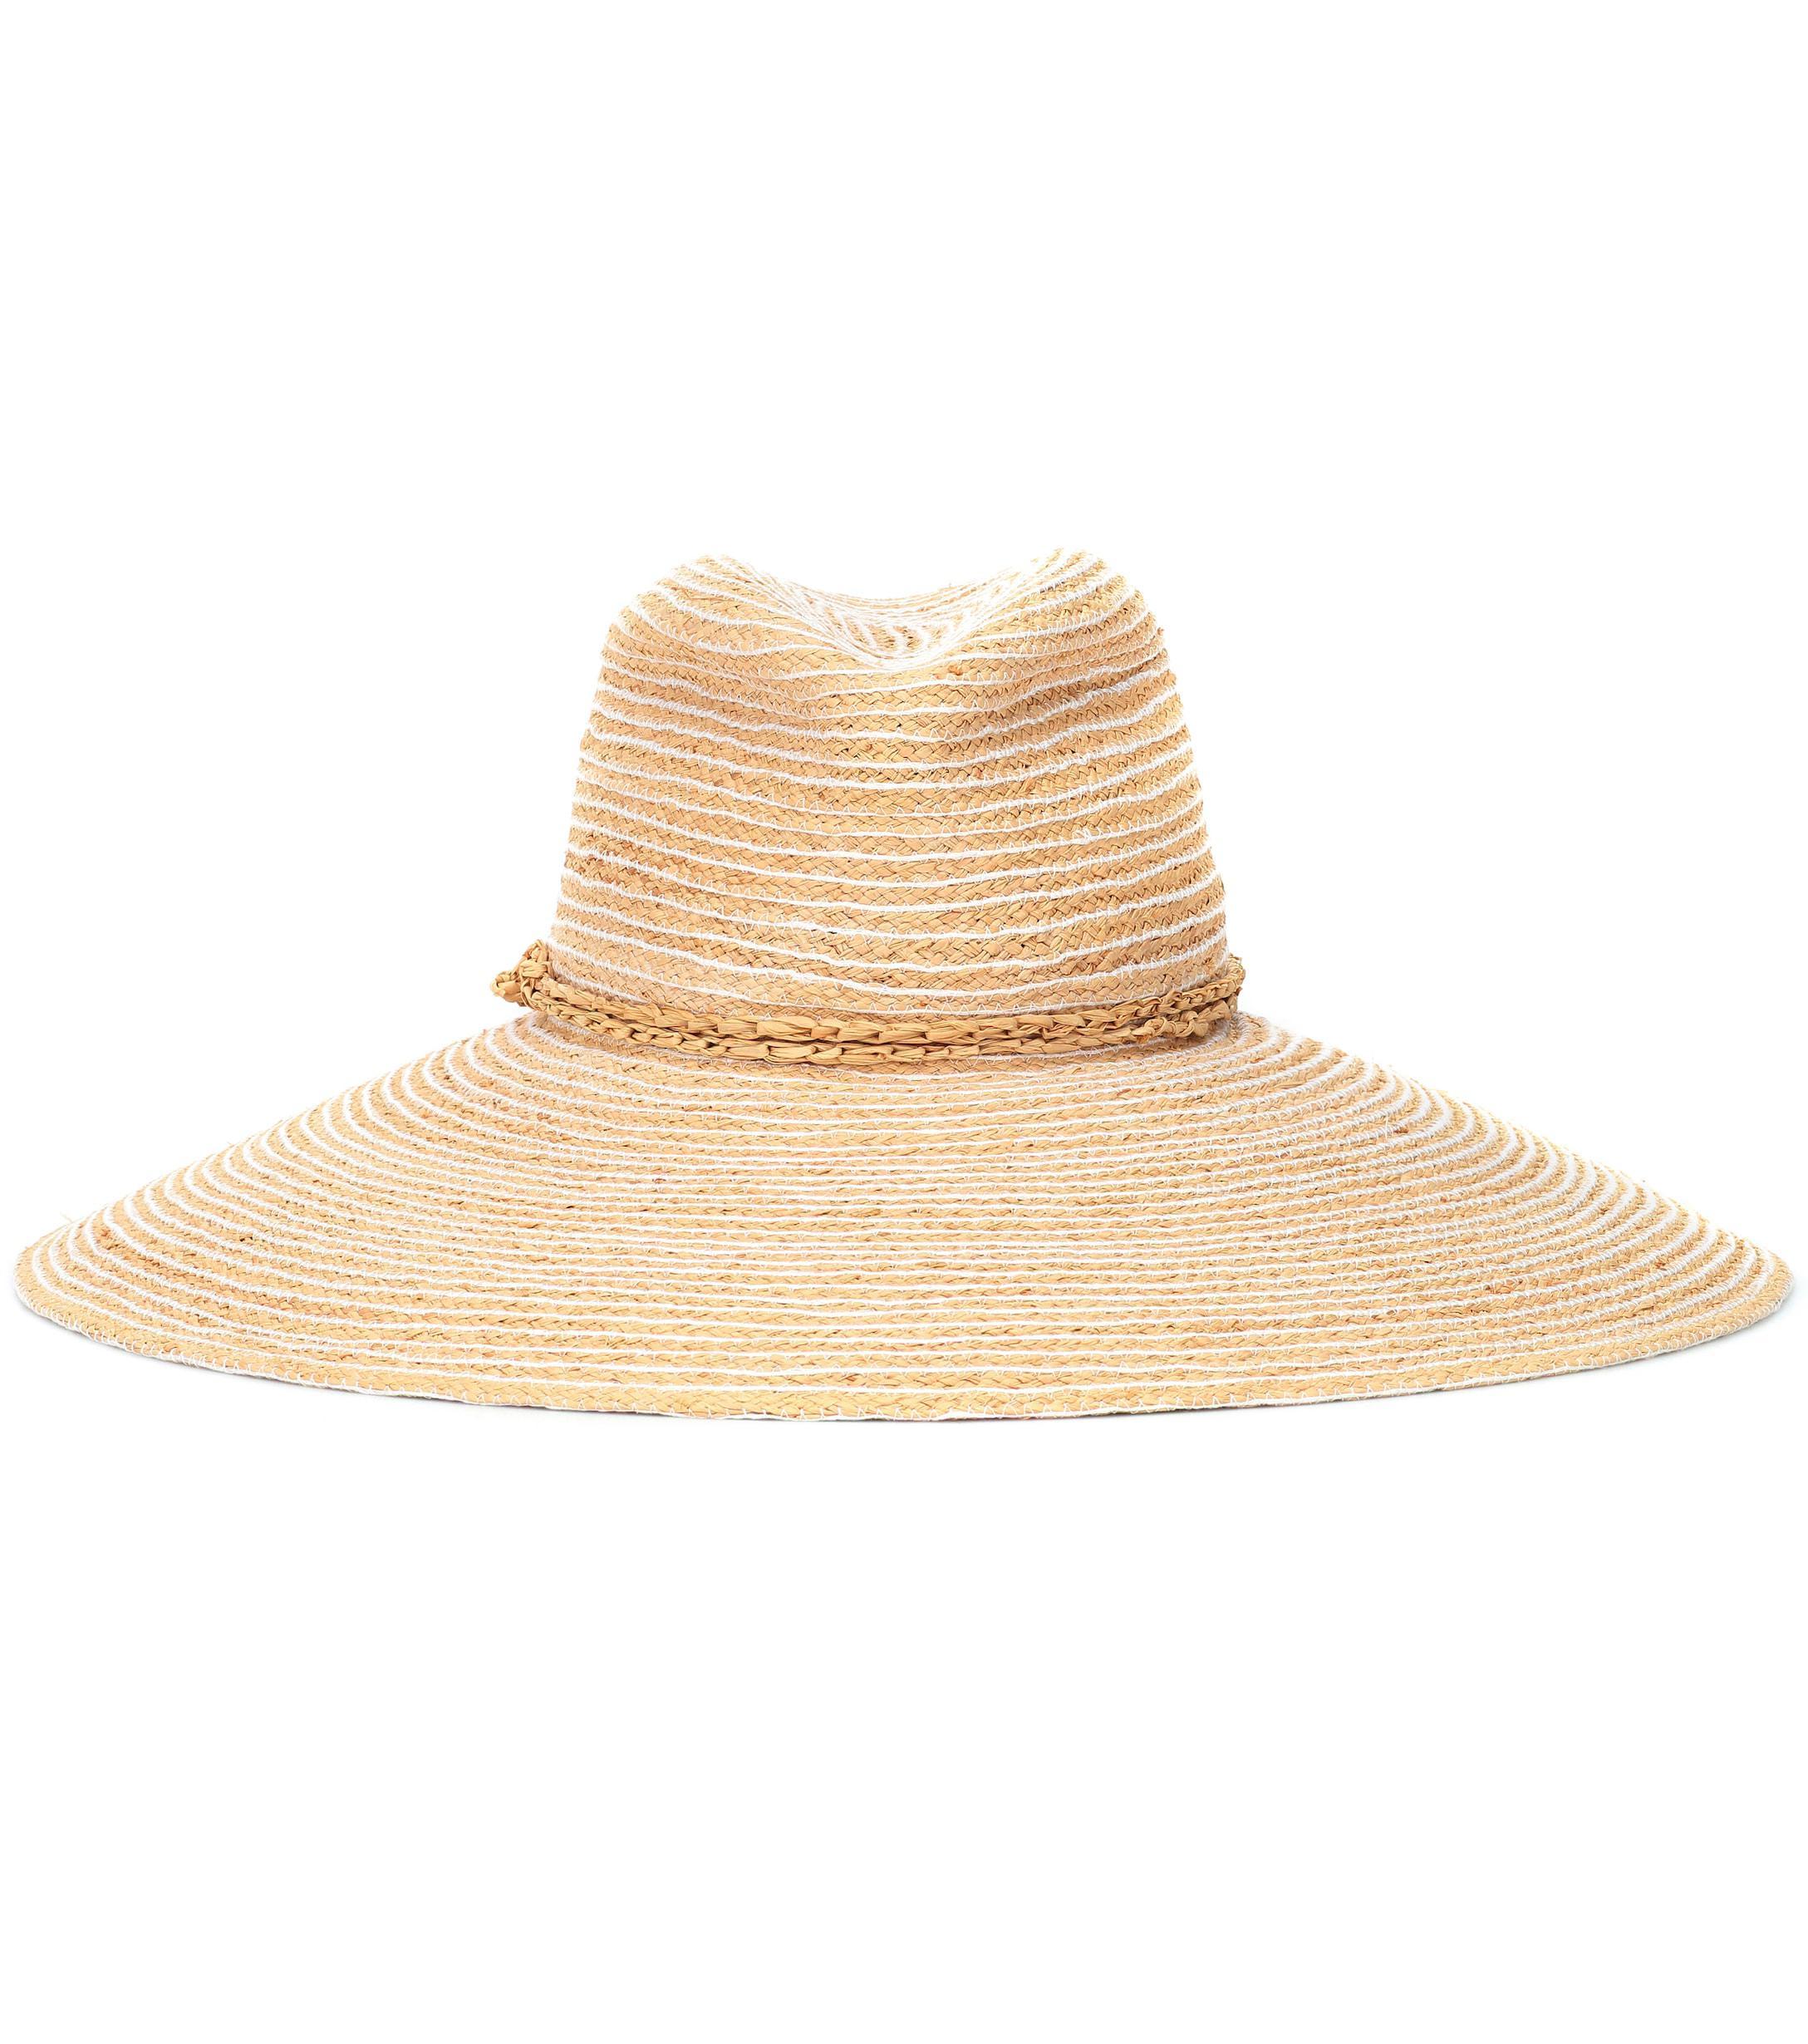 afec622ce80 Lola Hats. Women s Jolly Rancher Raffia Hat